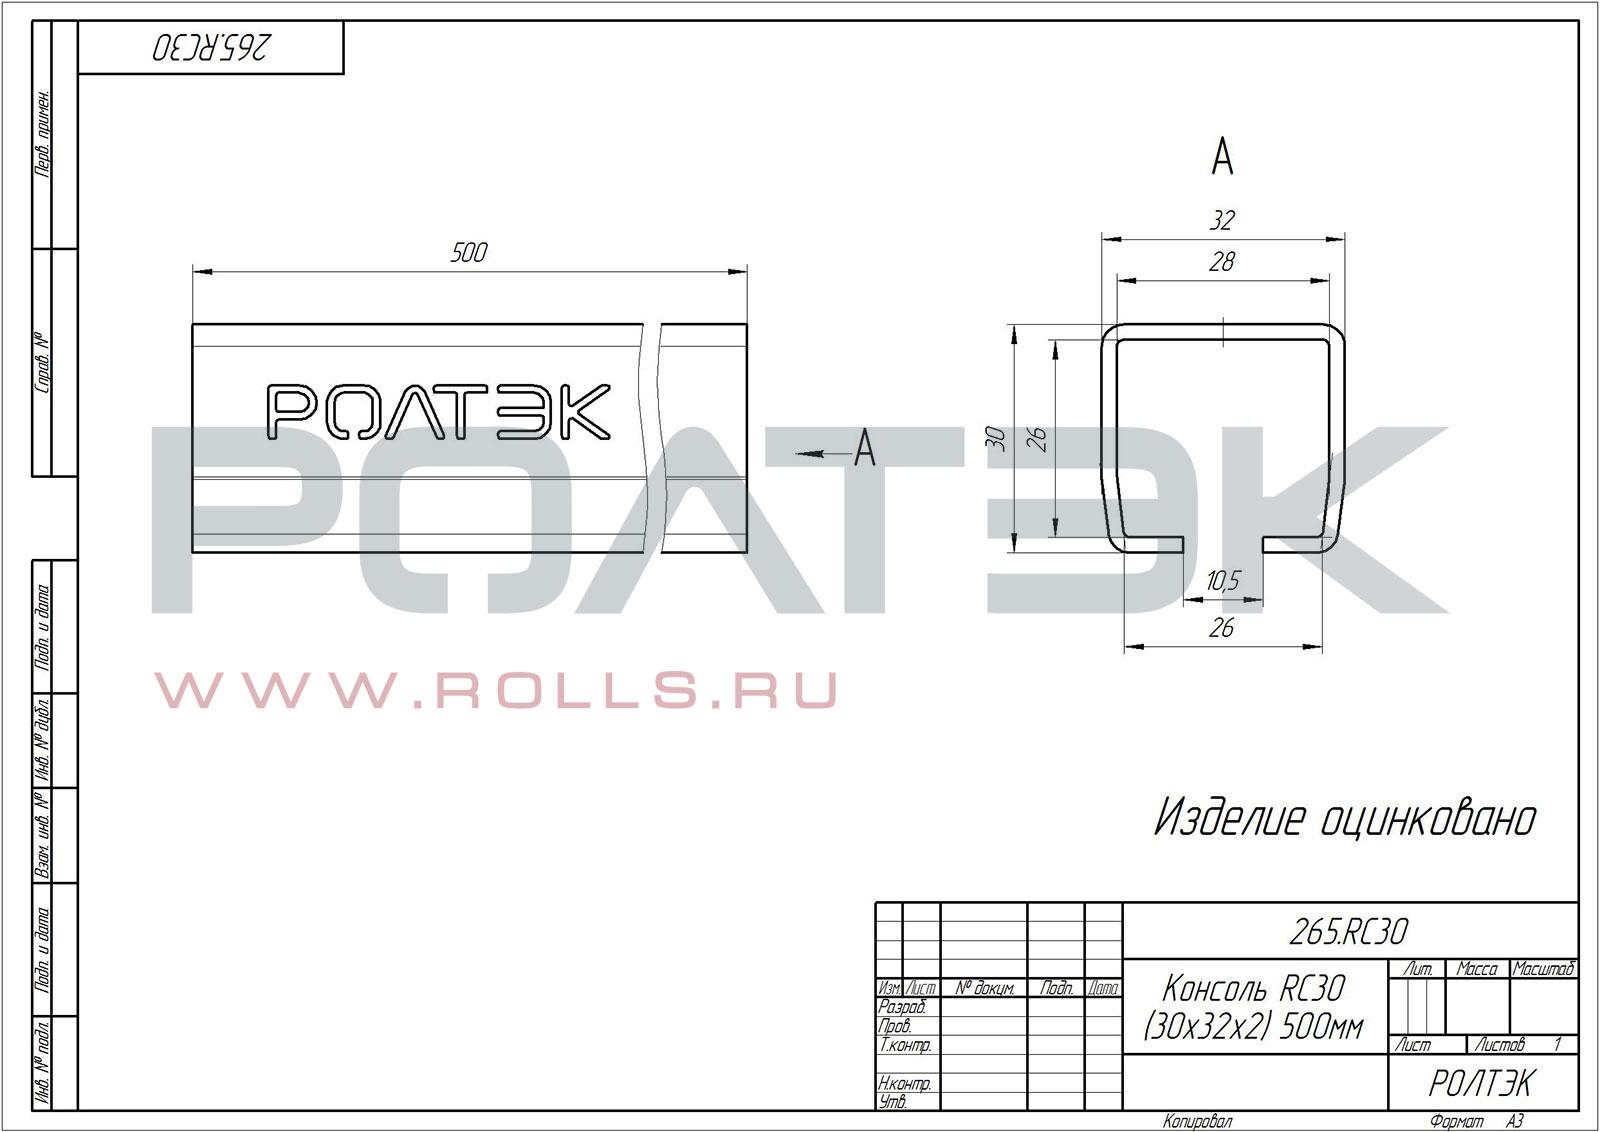 Консоль RC30 (30х32х2) 500 мм